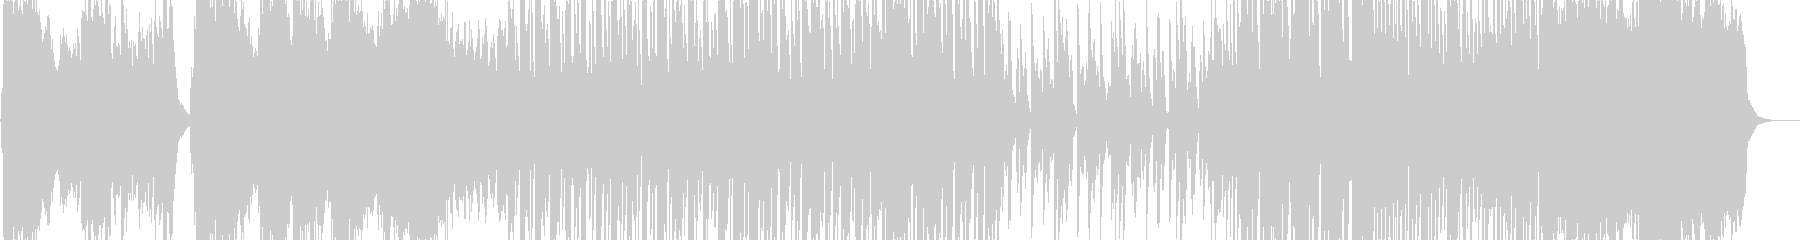 ピアノと室内楽風のコミカルなBGM2の未再生の波形